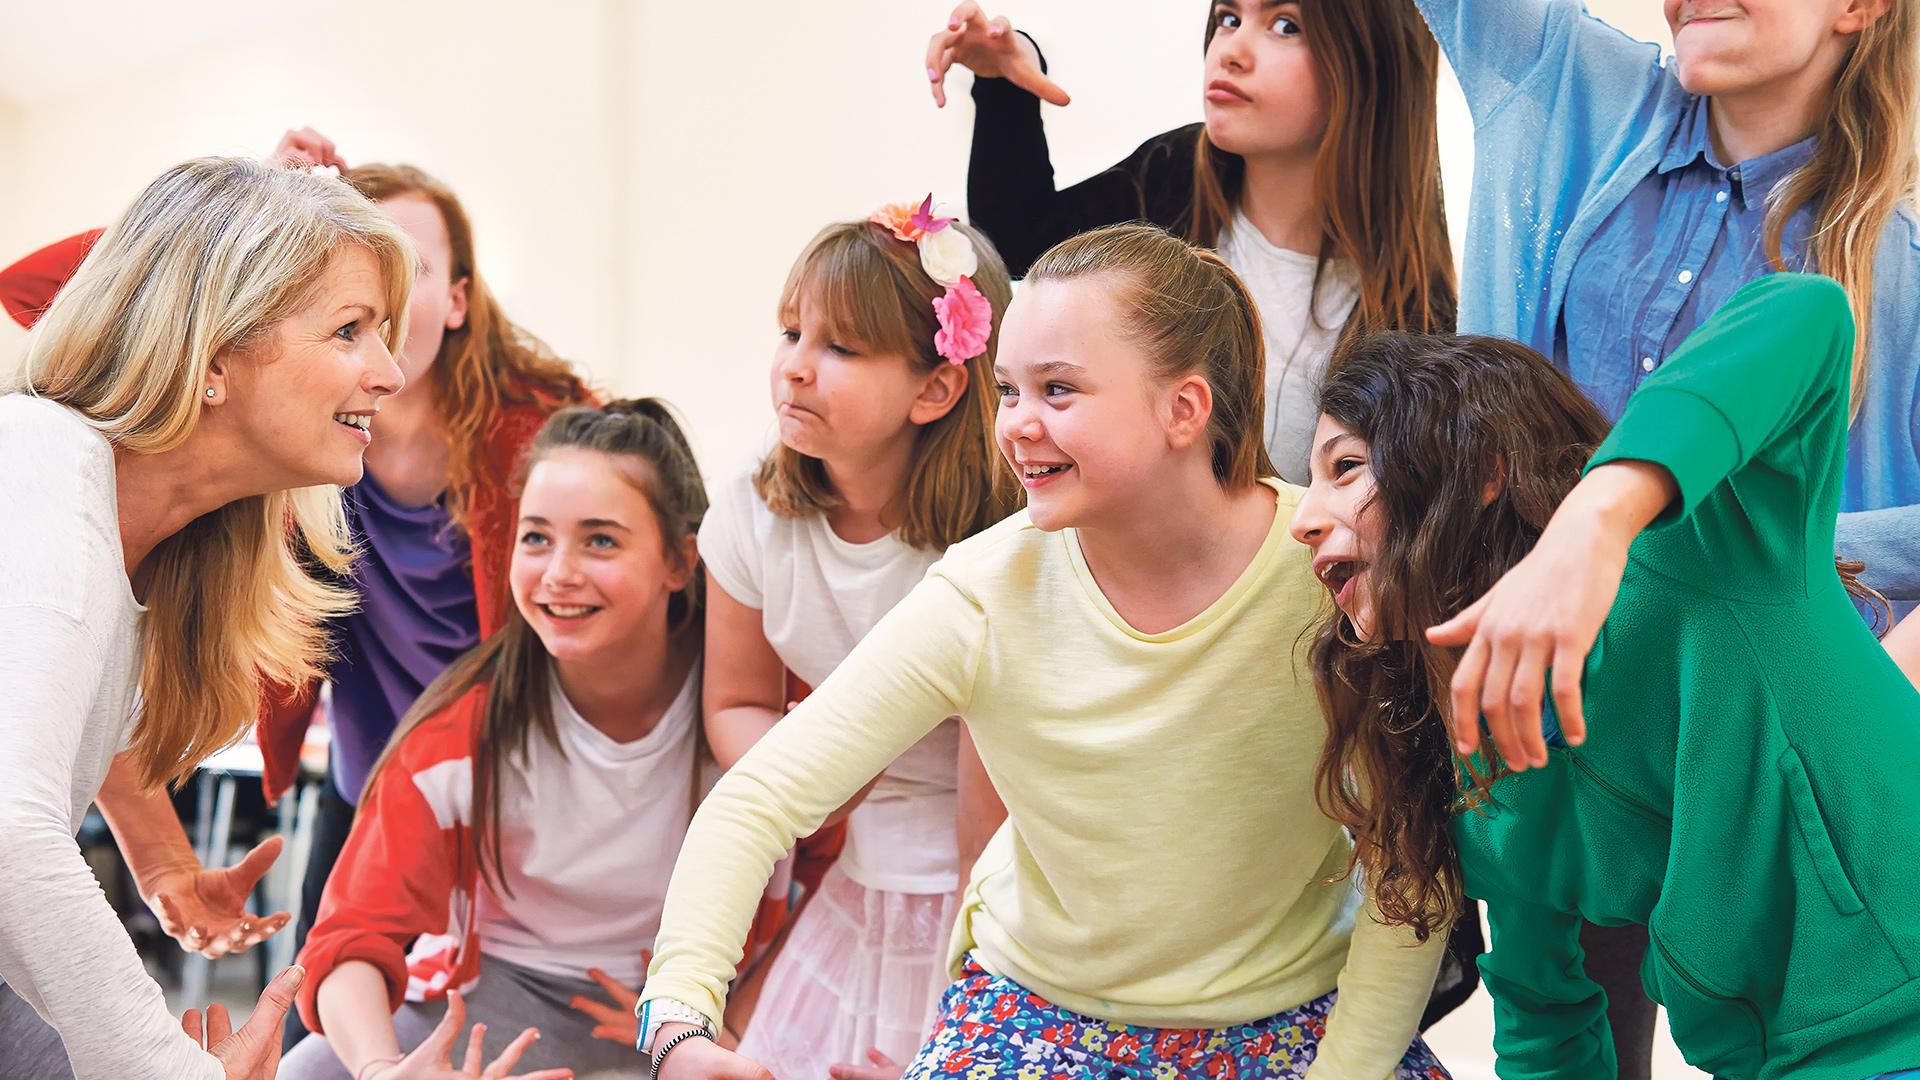 Kinderbeim bewegungsspiel mit einer Pädagogin